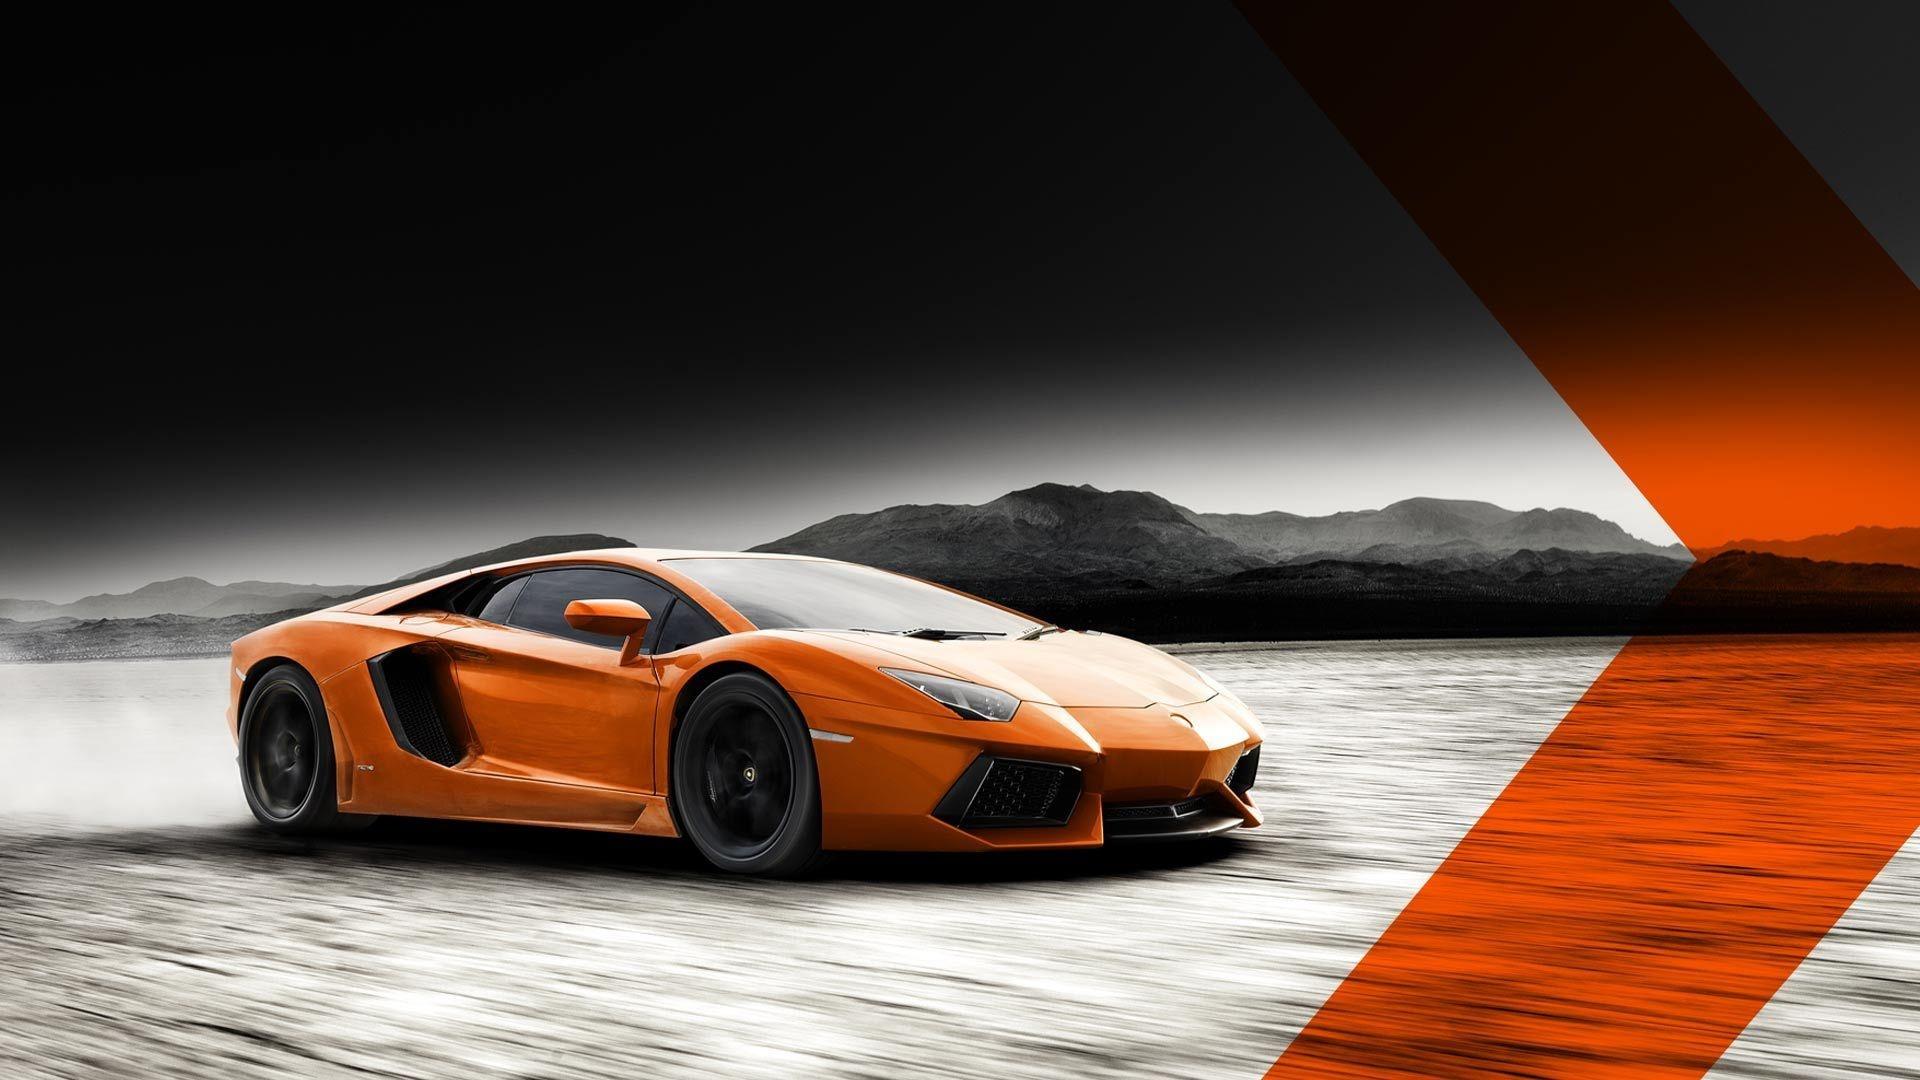 споротивный автомобиль Lamborghini Aventador  № 2429950 без смс